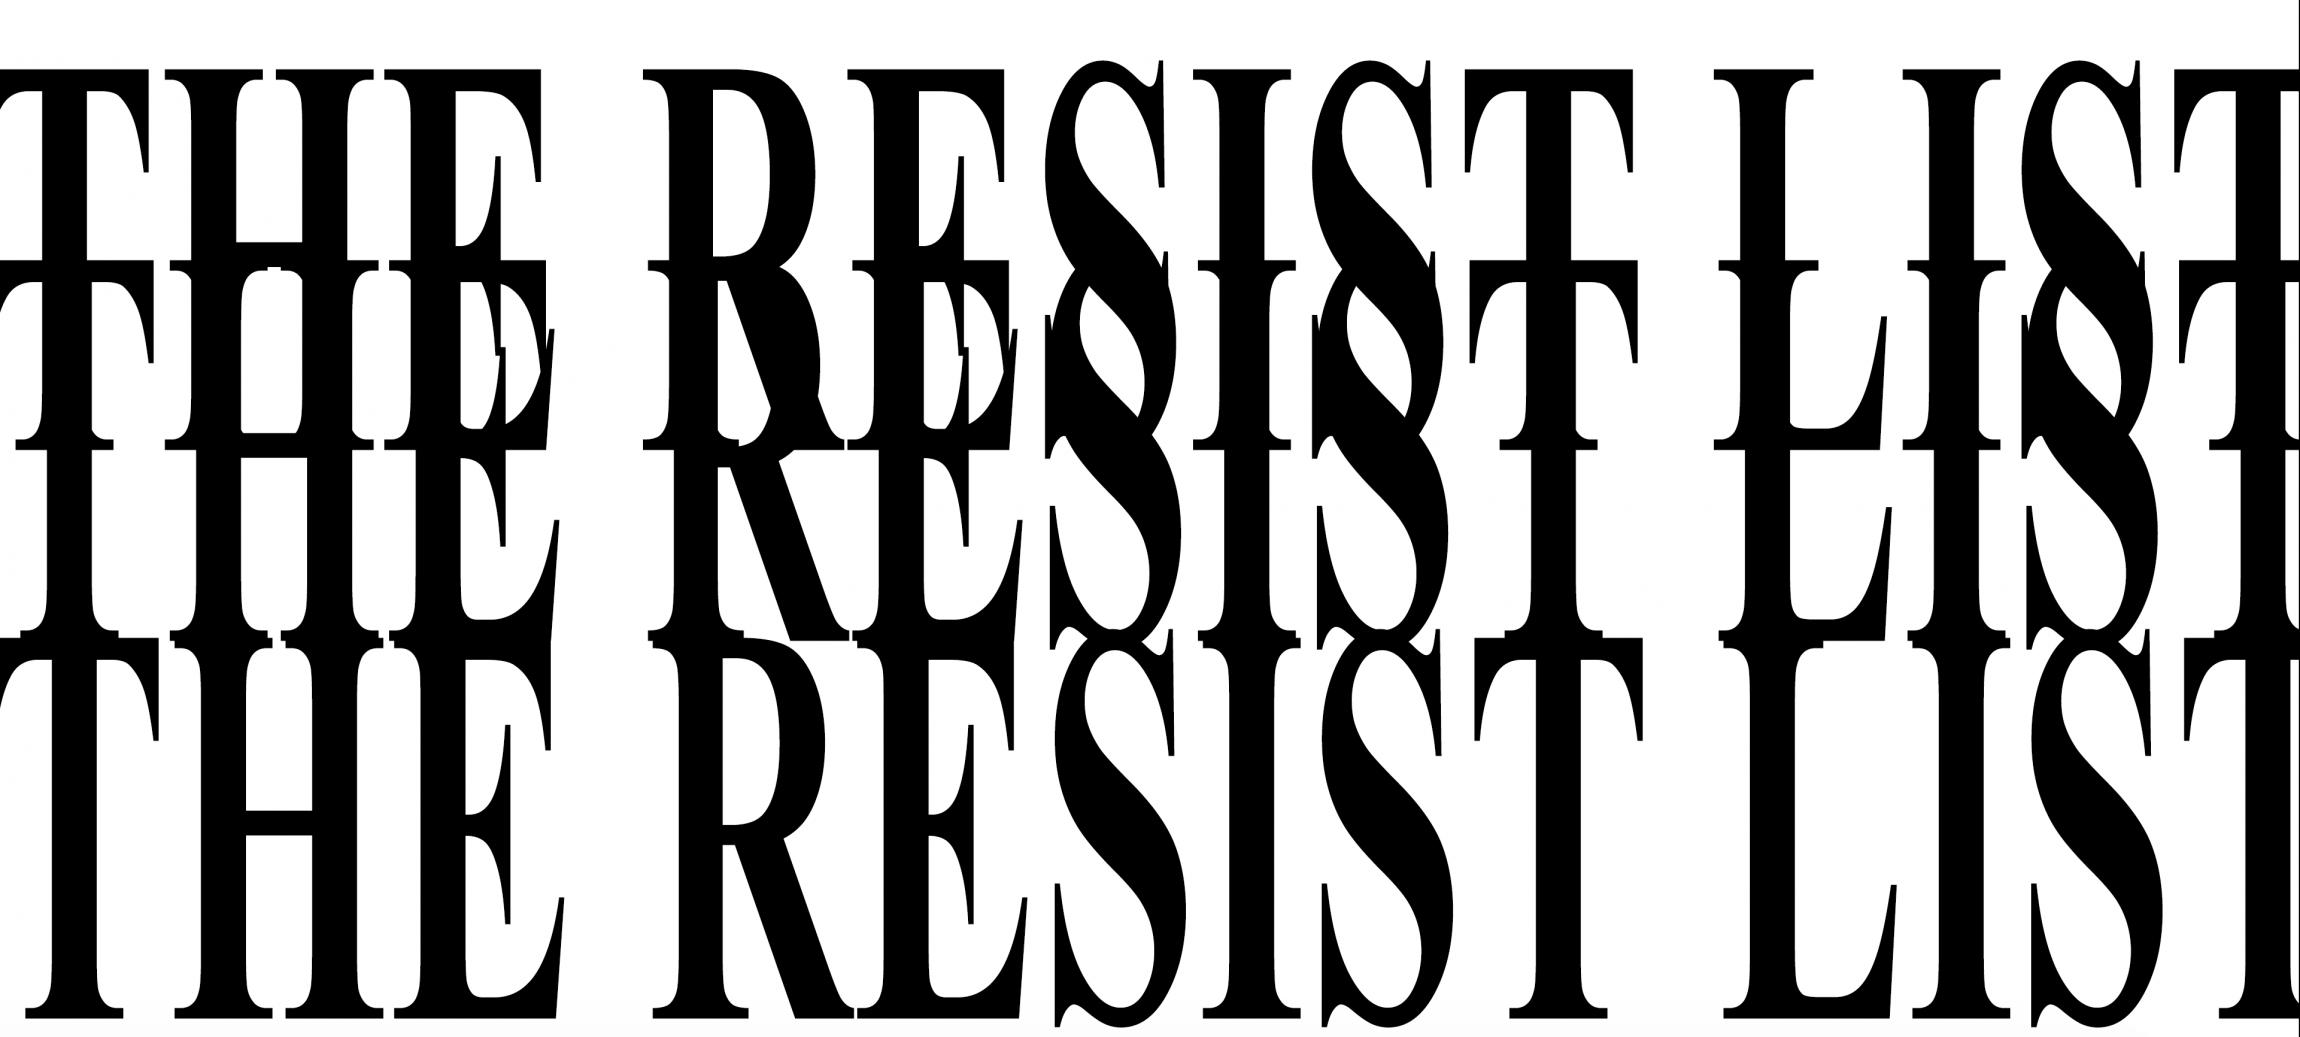 Resist List image